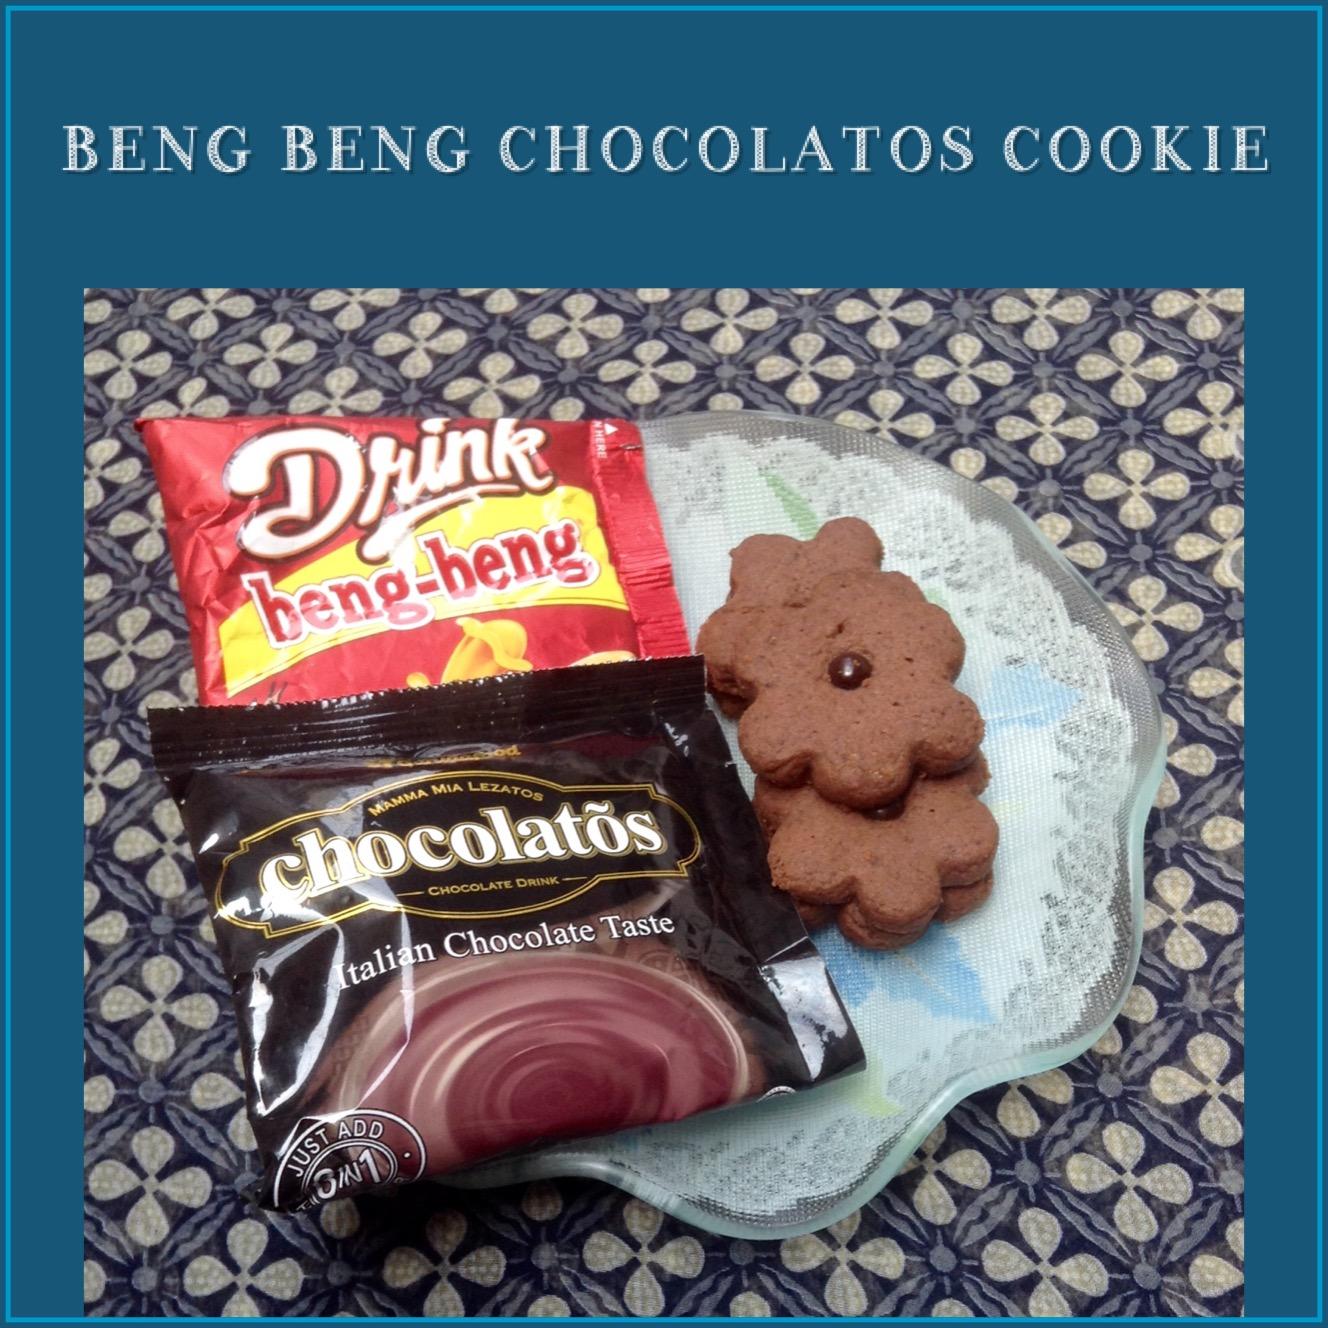 Resep Beng Beng Chocolatos Cookie